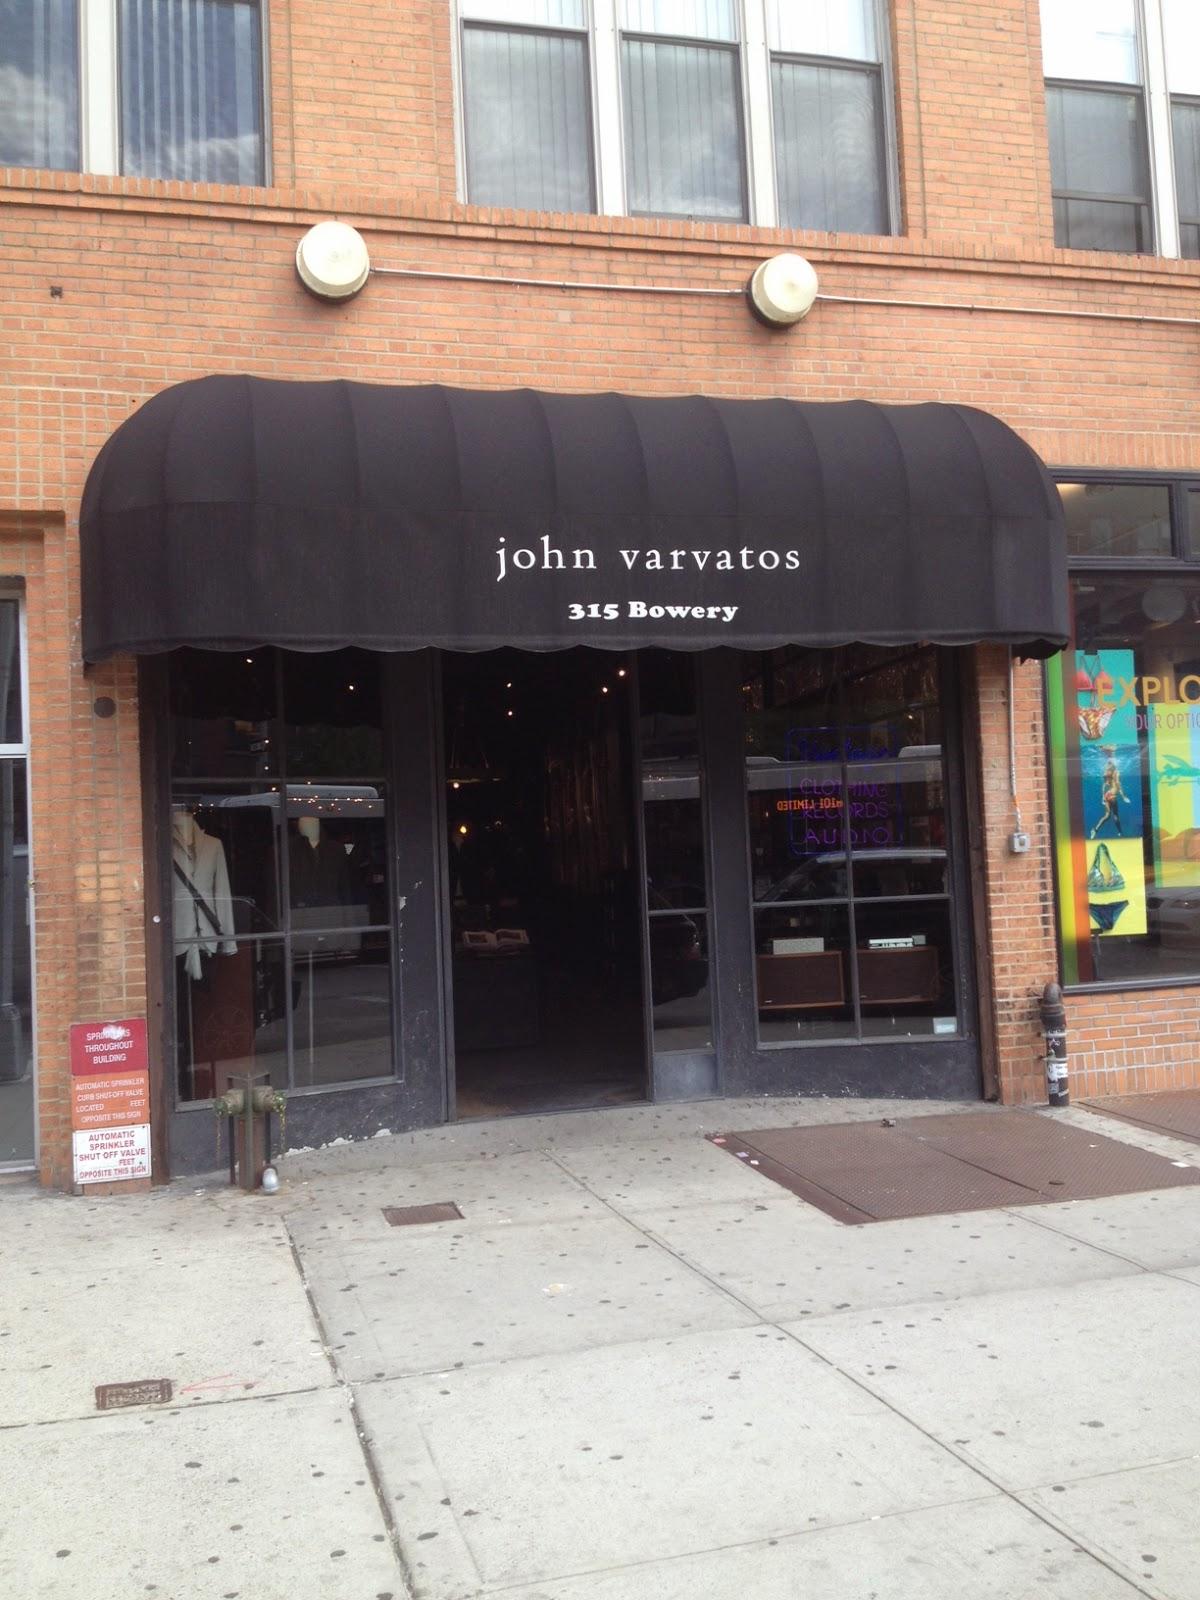 Aventures Bon Jersey York Shopping D'une 2014 Gardens Plan New wTTr0nqzp